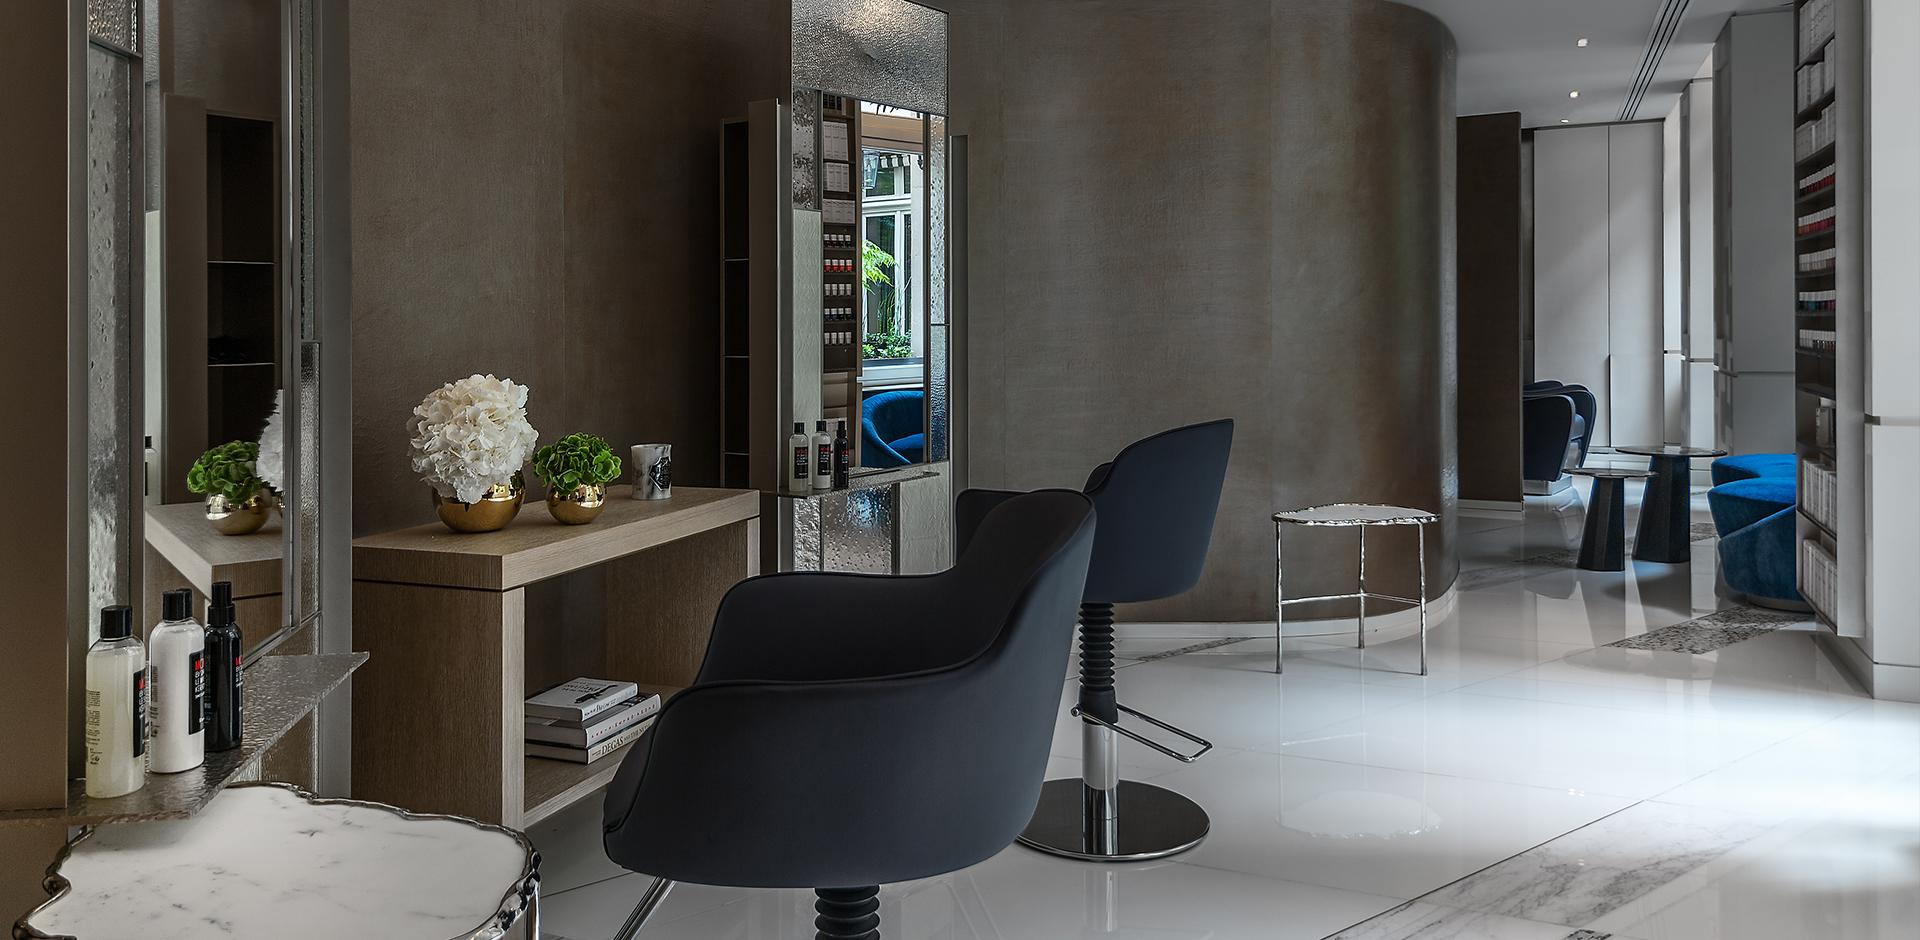 5 salons de coiffure install s dans des h tels de luxe - Salon de coiffure qui recherche apprenti ...